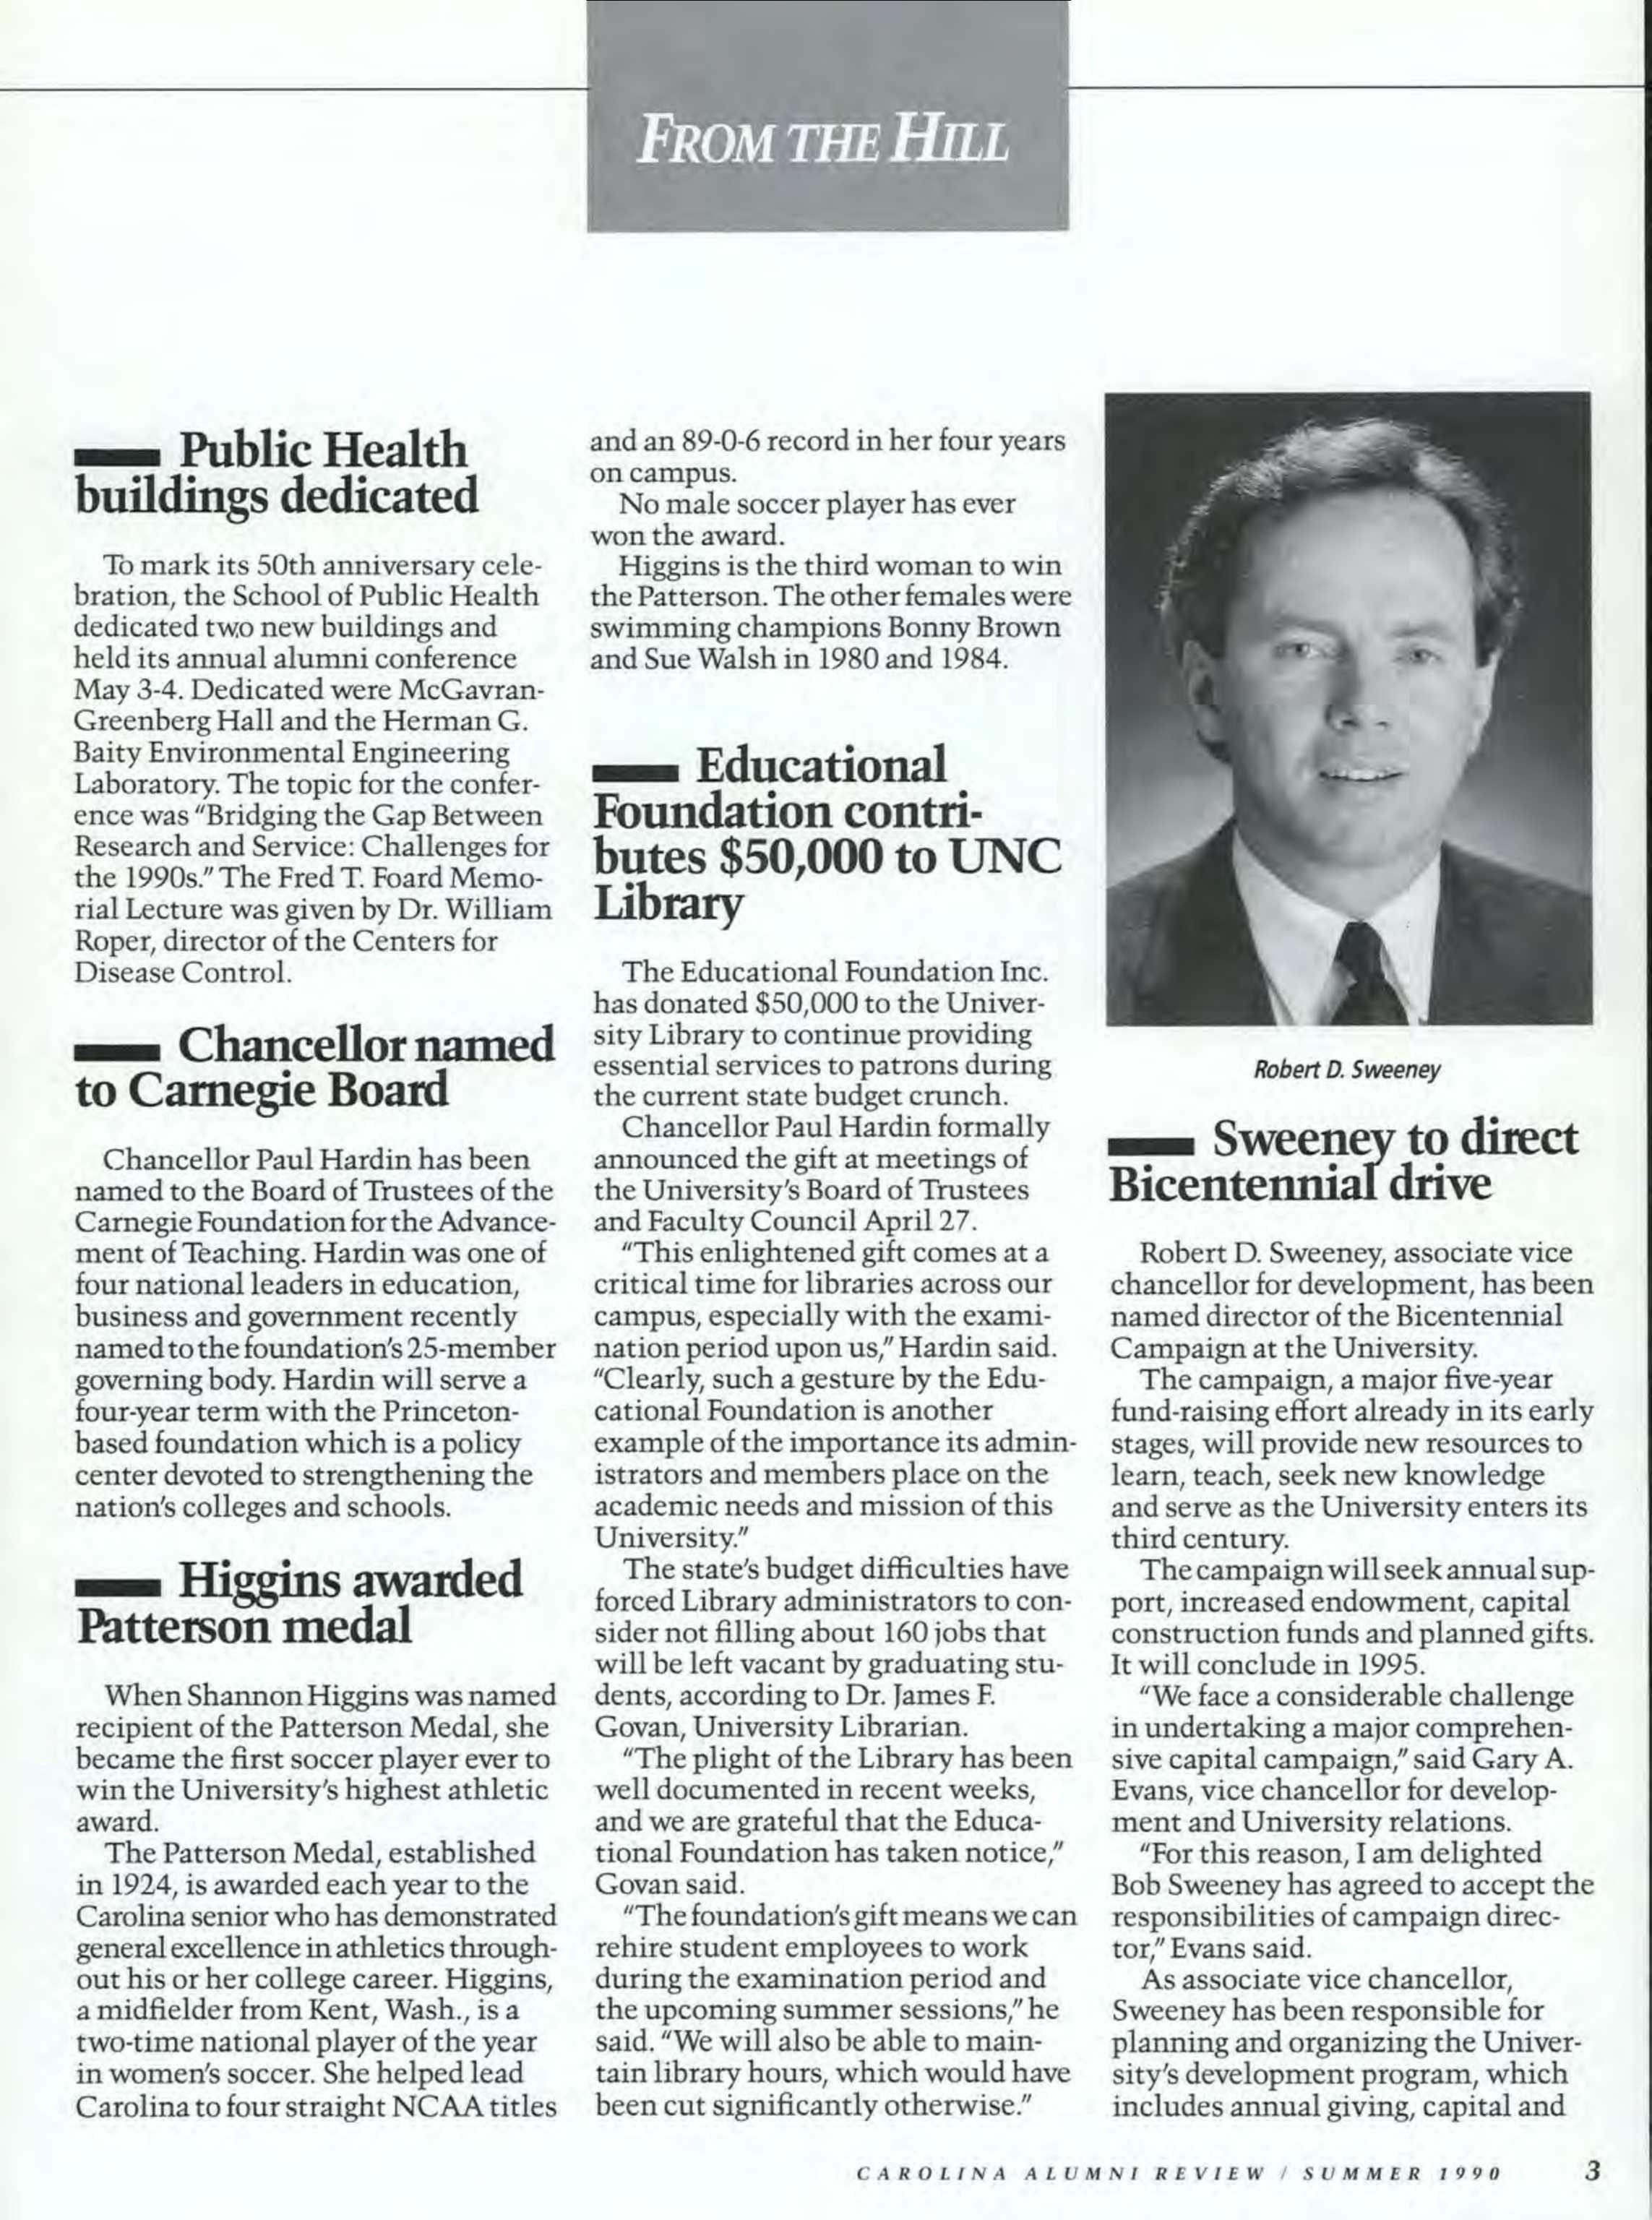 Carolina Alumni Review - Summer 1987 - page 2